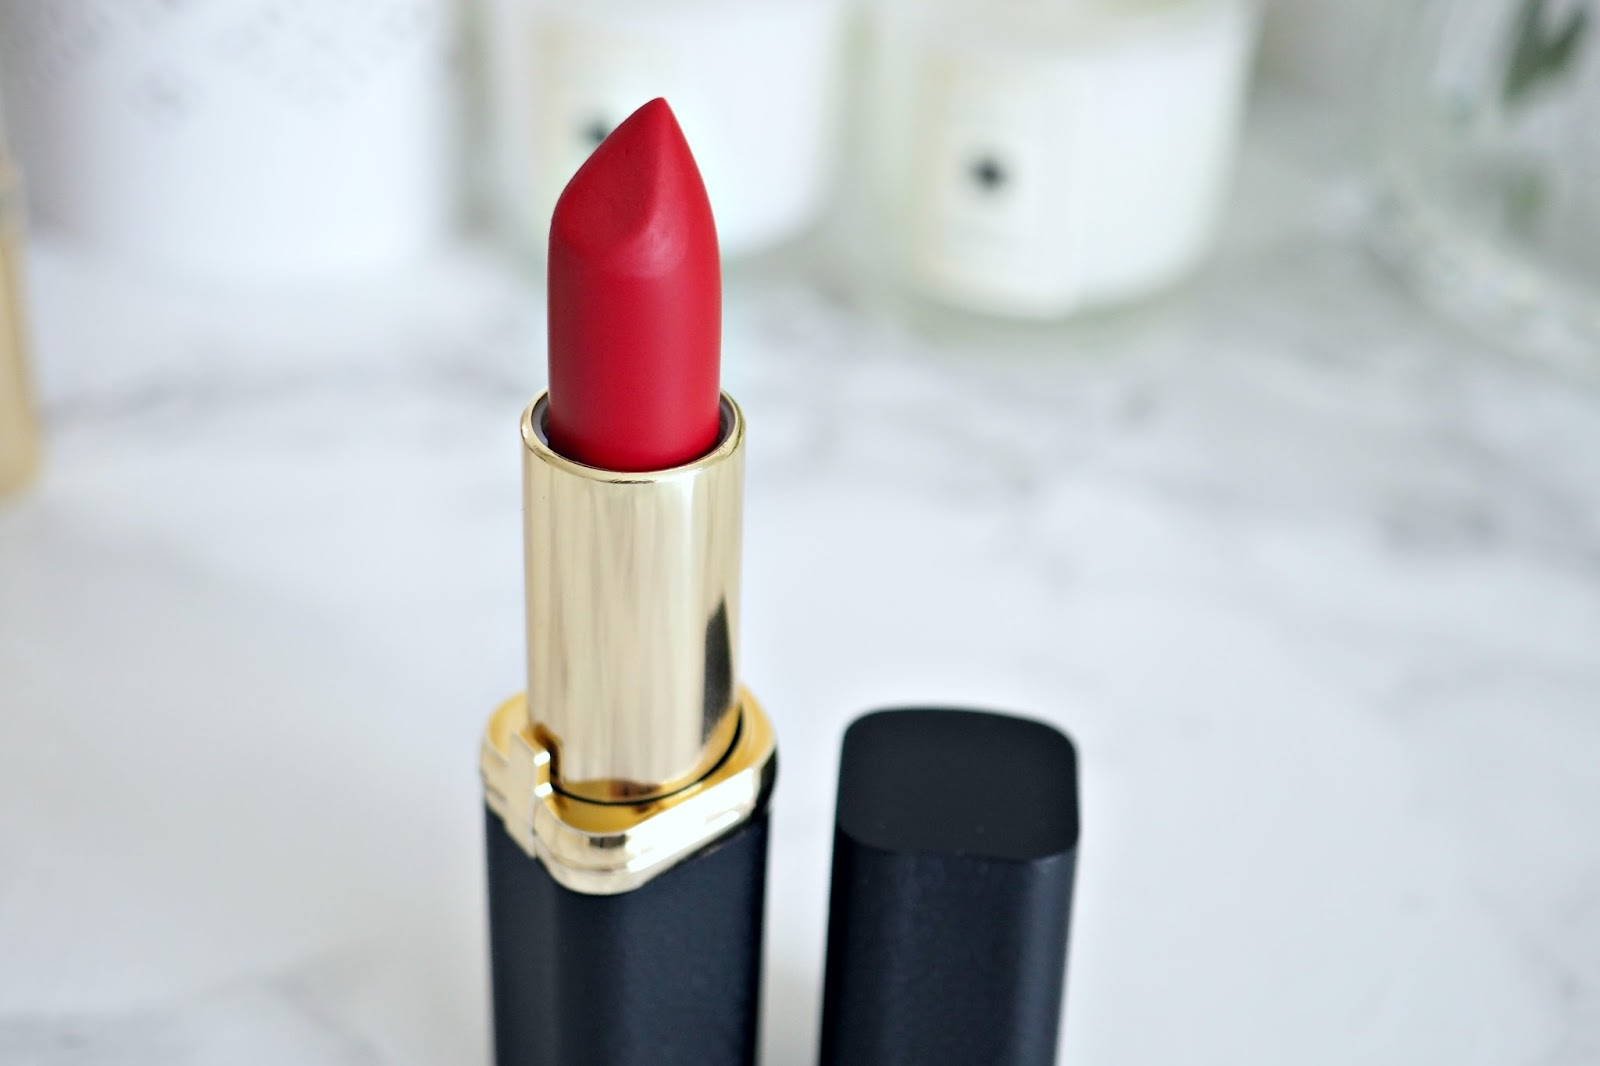 L'Oreal Colour Riche Matte Lipstick in shade '346 Scarlet Silhouette'